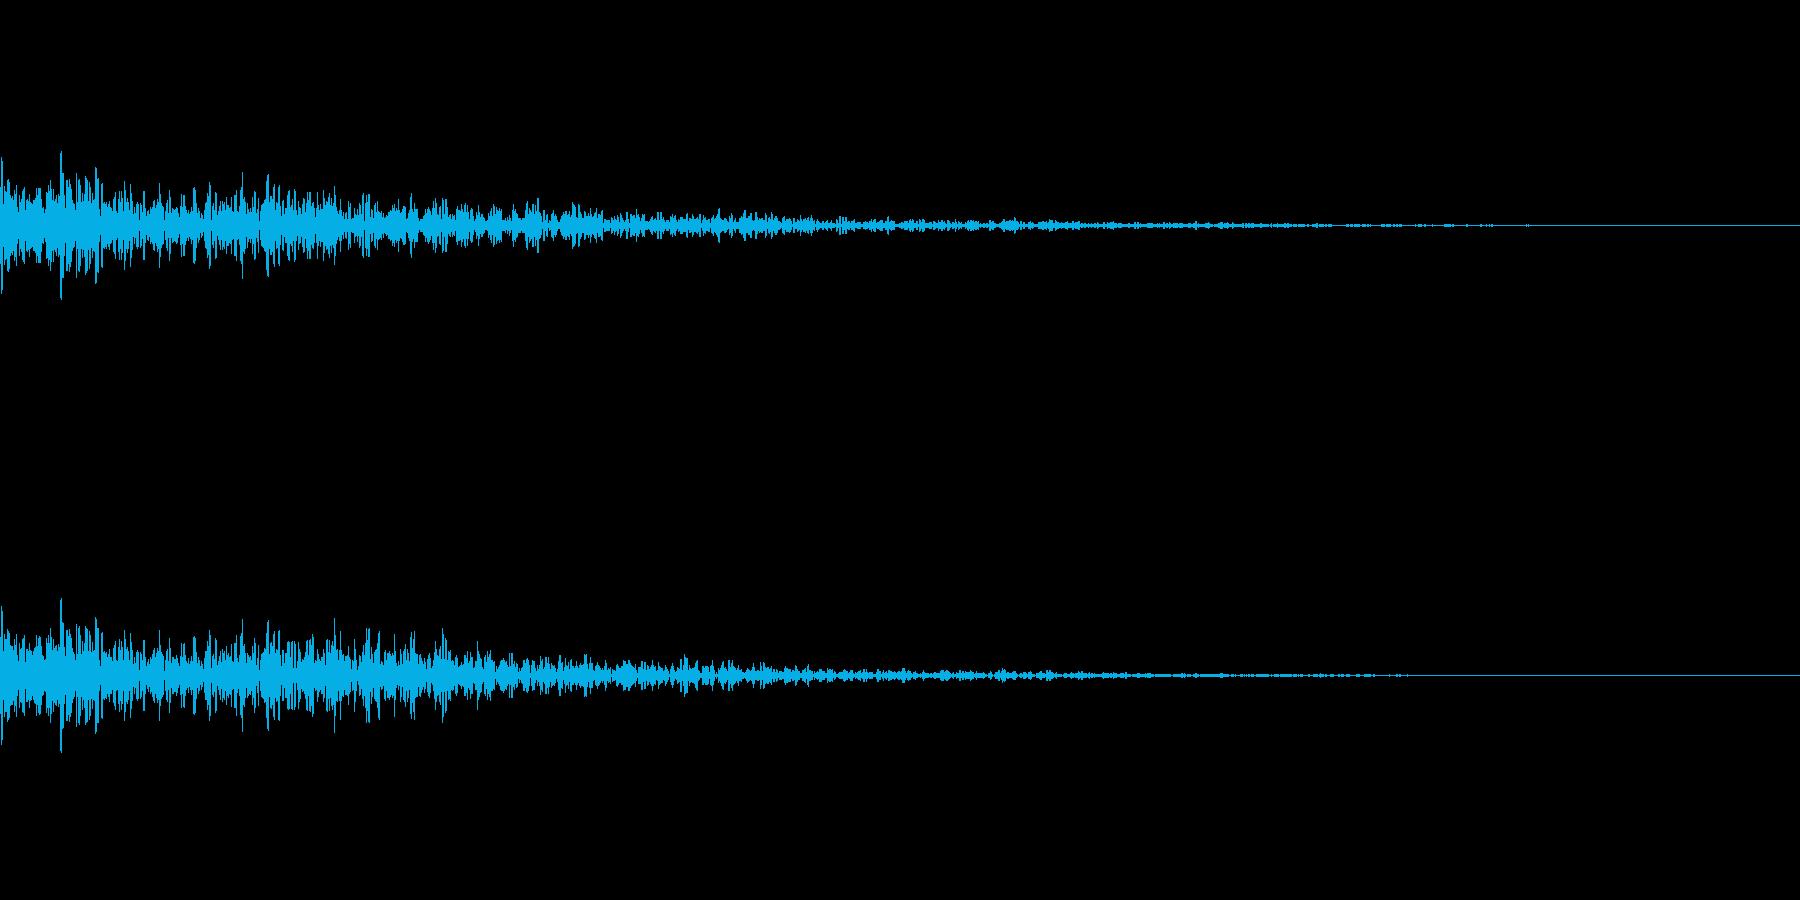 ドスン テロップ 落ちるの再生済みの波形